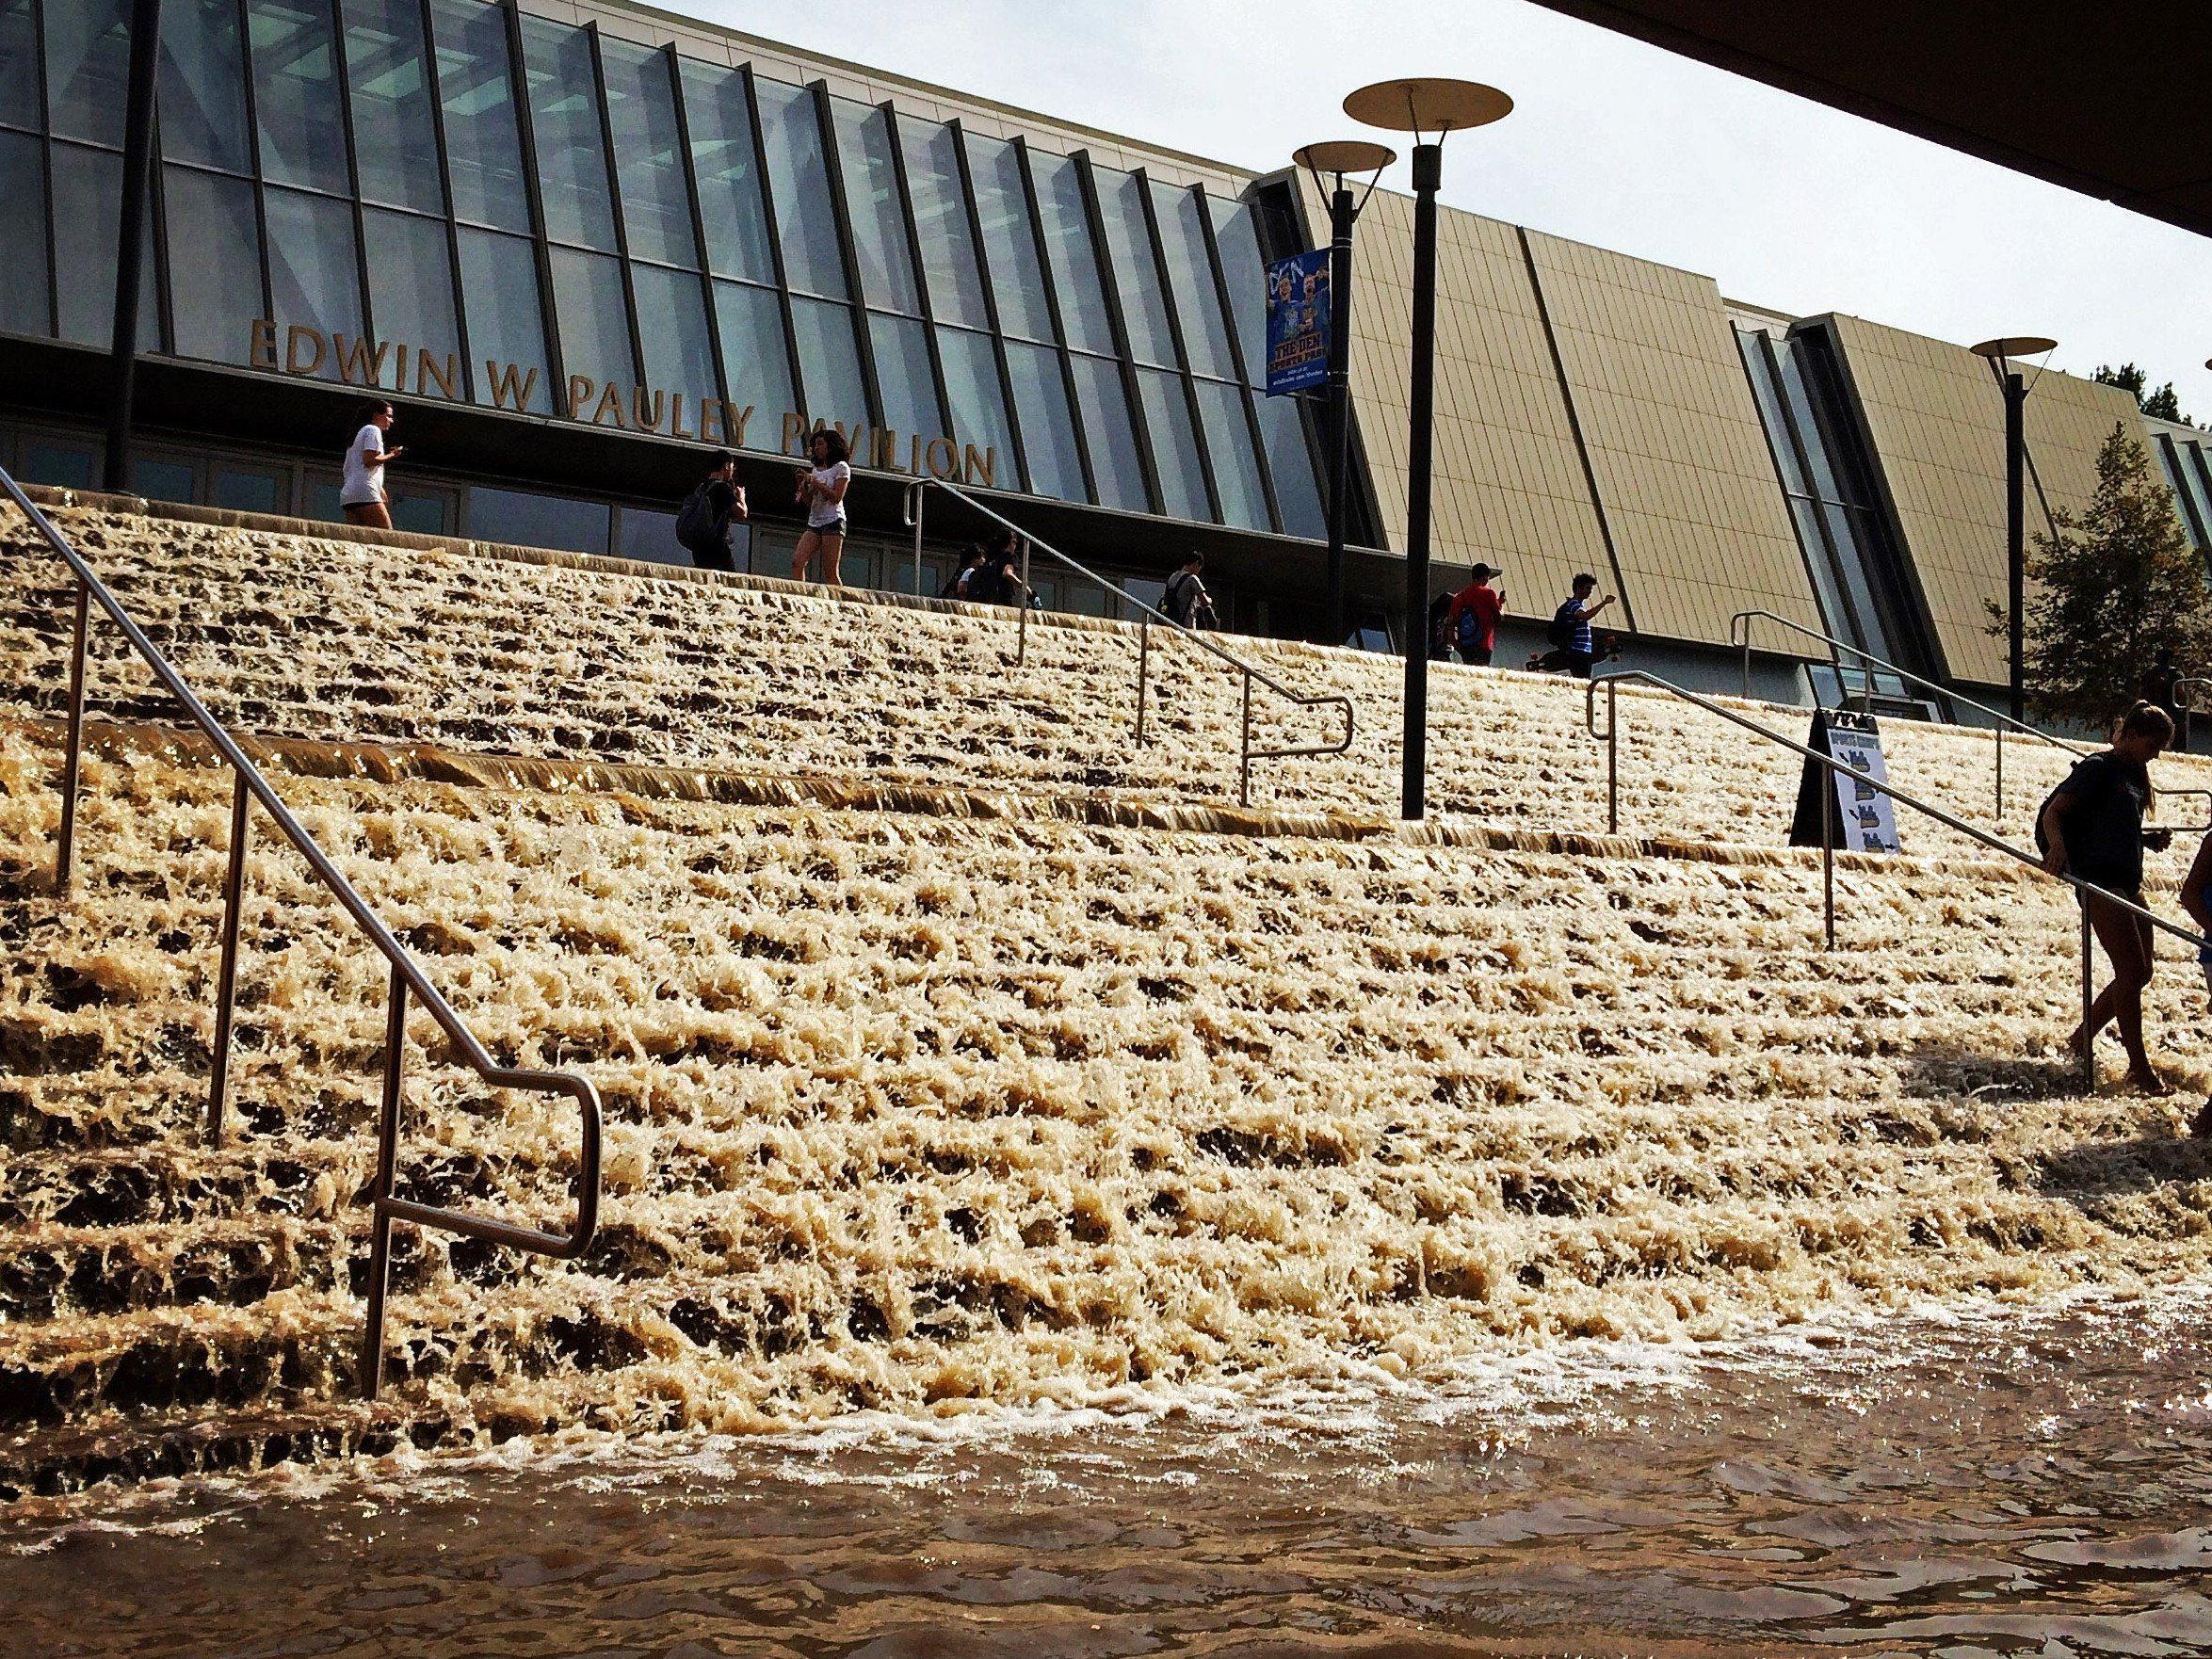 Millionen Liter Wasser schossen aus dem Sunset Boulevard